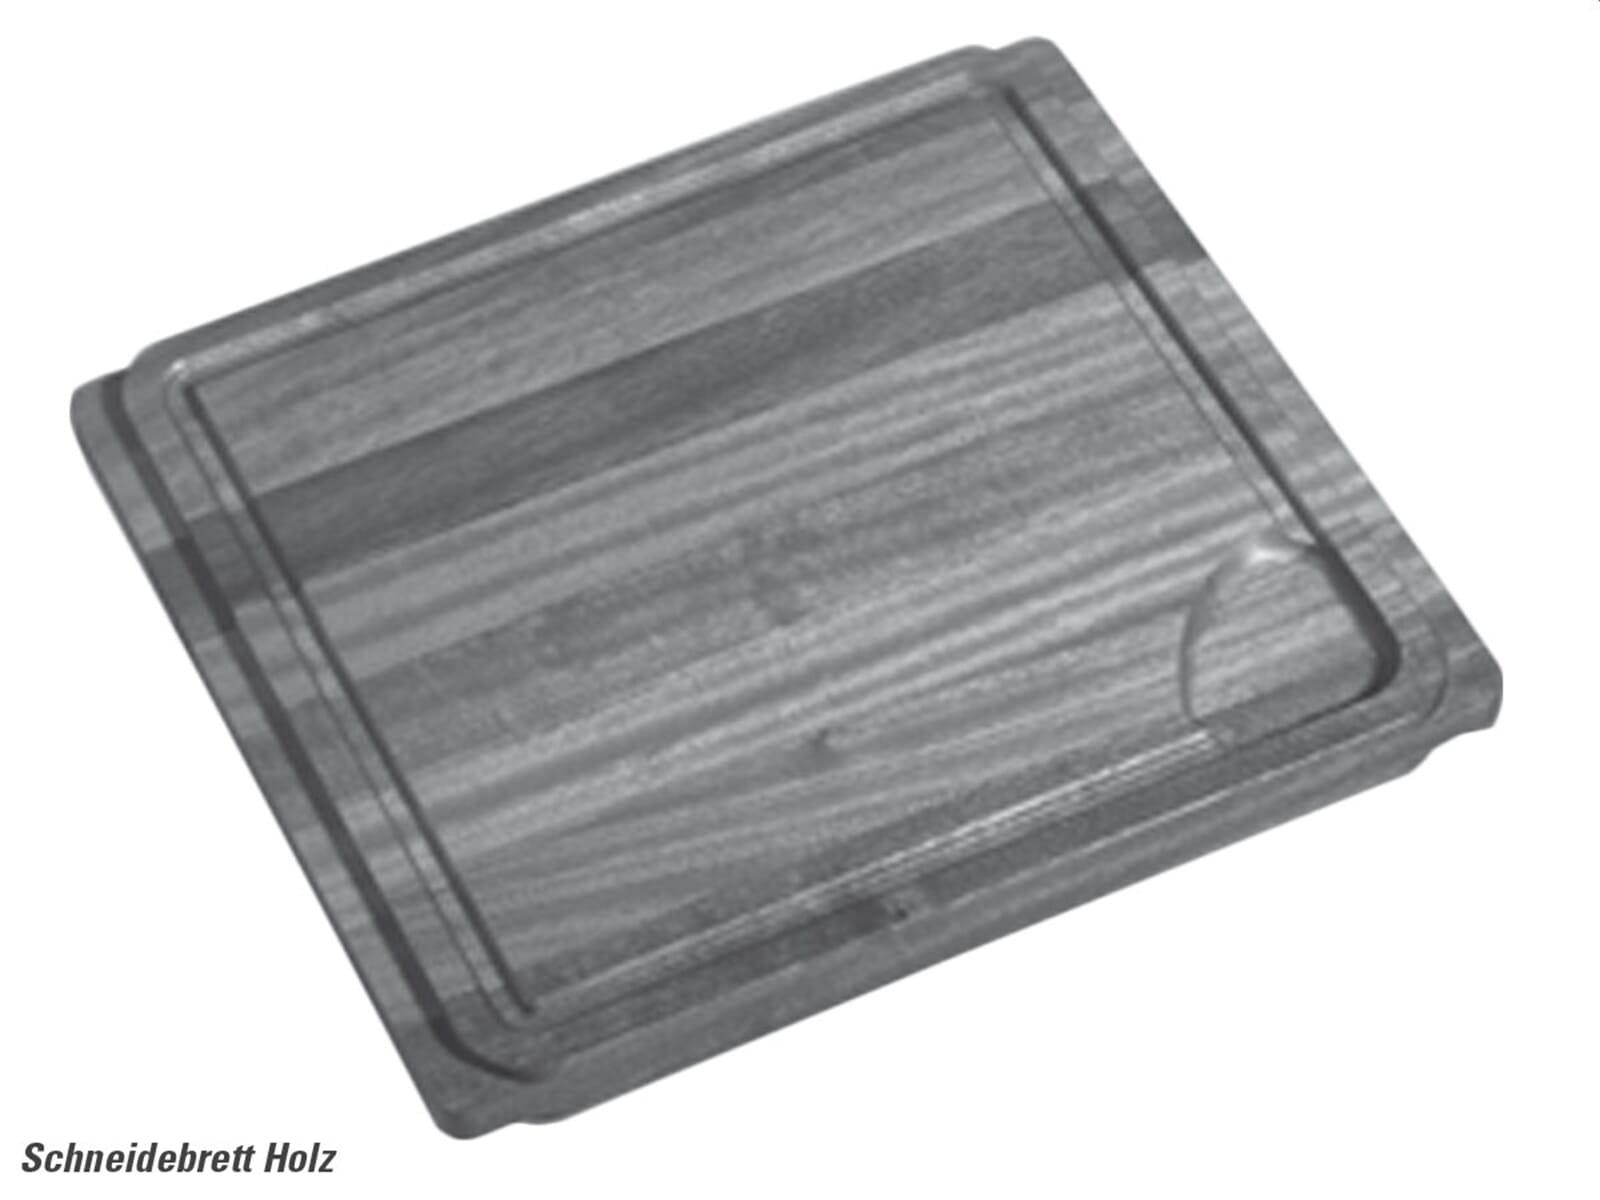 Produktabbildung Schneidebrett Holz 0740